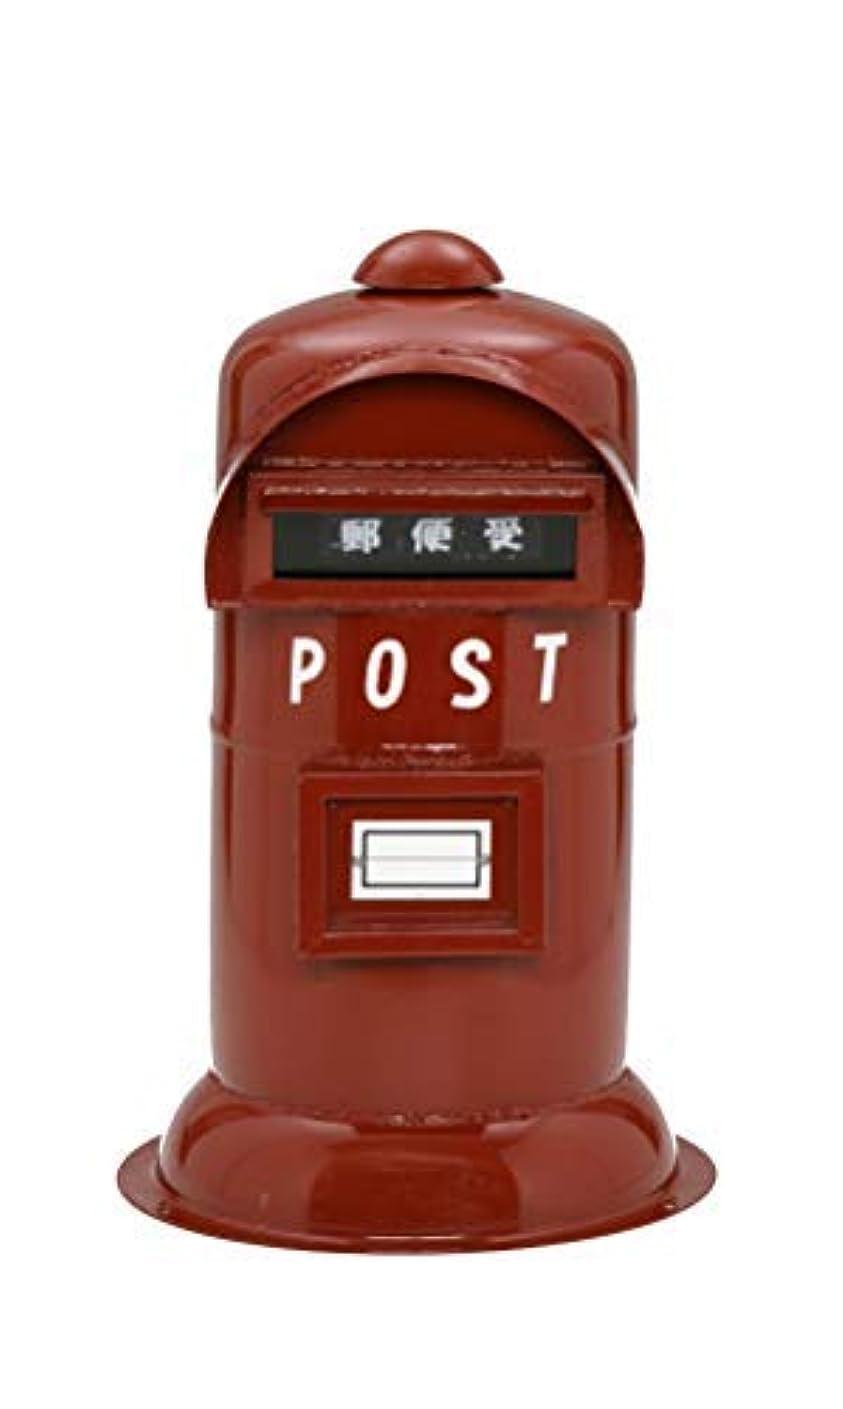 最初にのぞき見ブレーキ【郵便受け】 プロパンガスボンベを再利用した 丈夫でがっしりとした レトロな 家庭用 ポスト 新聞受け